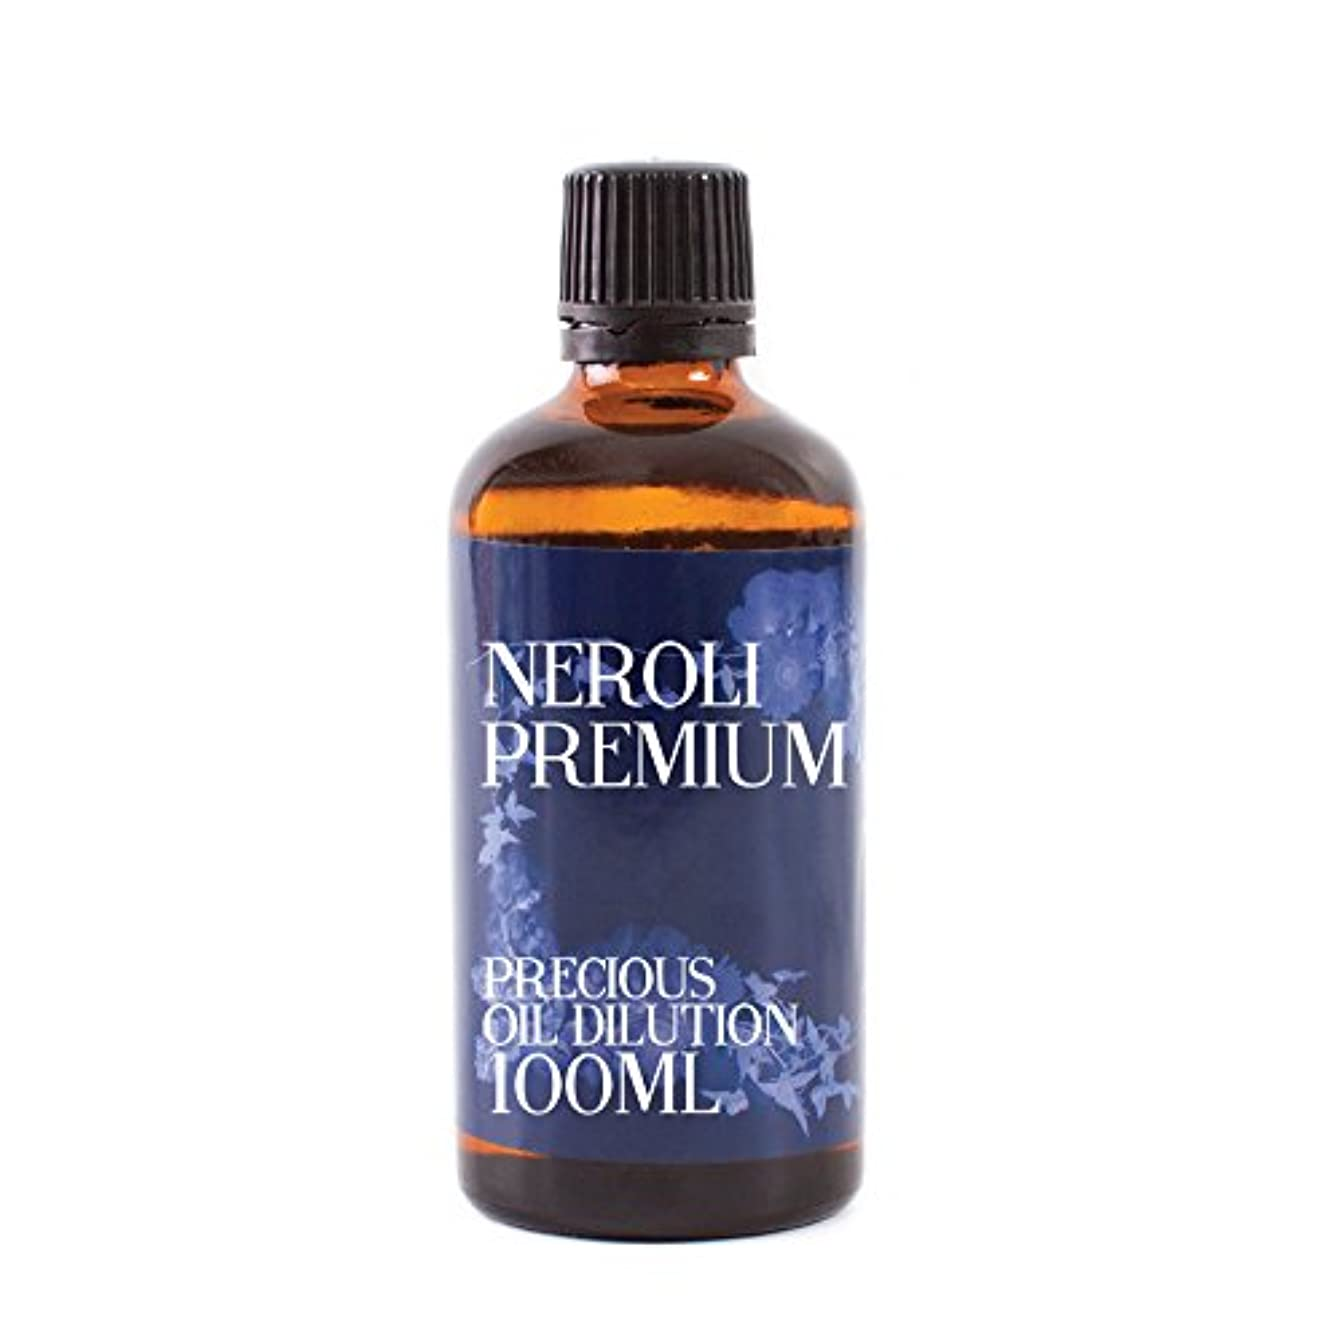 馬鹿げた教科書松Mystic Moments | Neroli Premium Essential Oil Dilution - 100ml - 3% Jojoba Blend